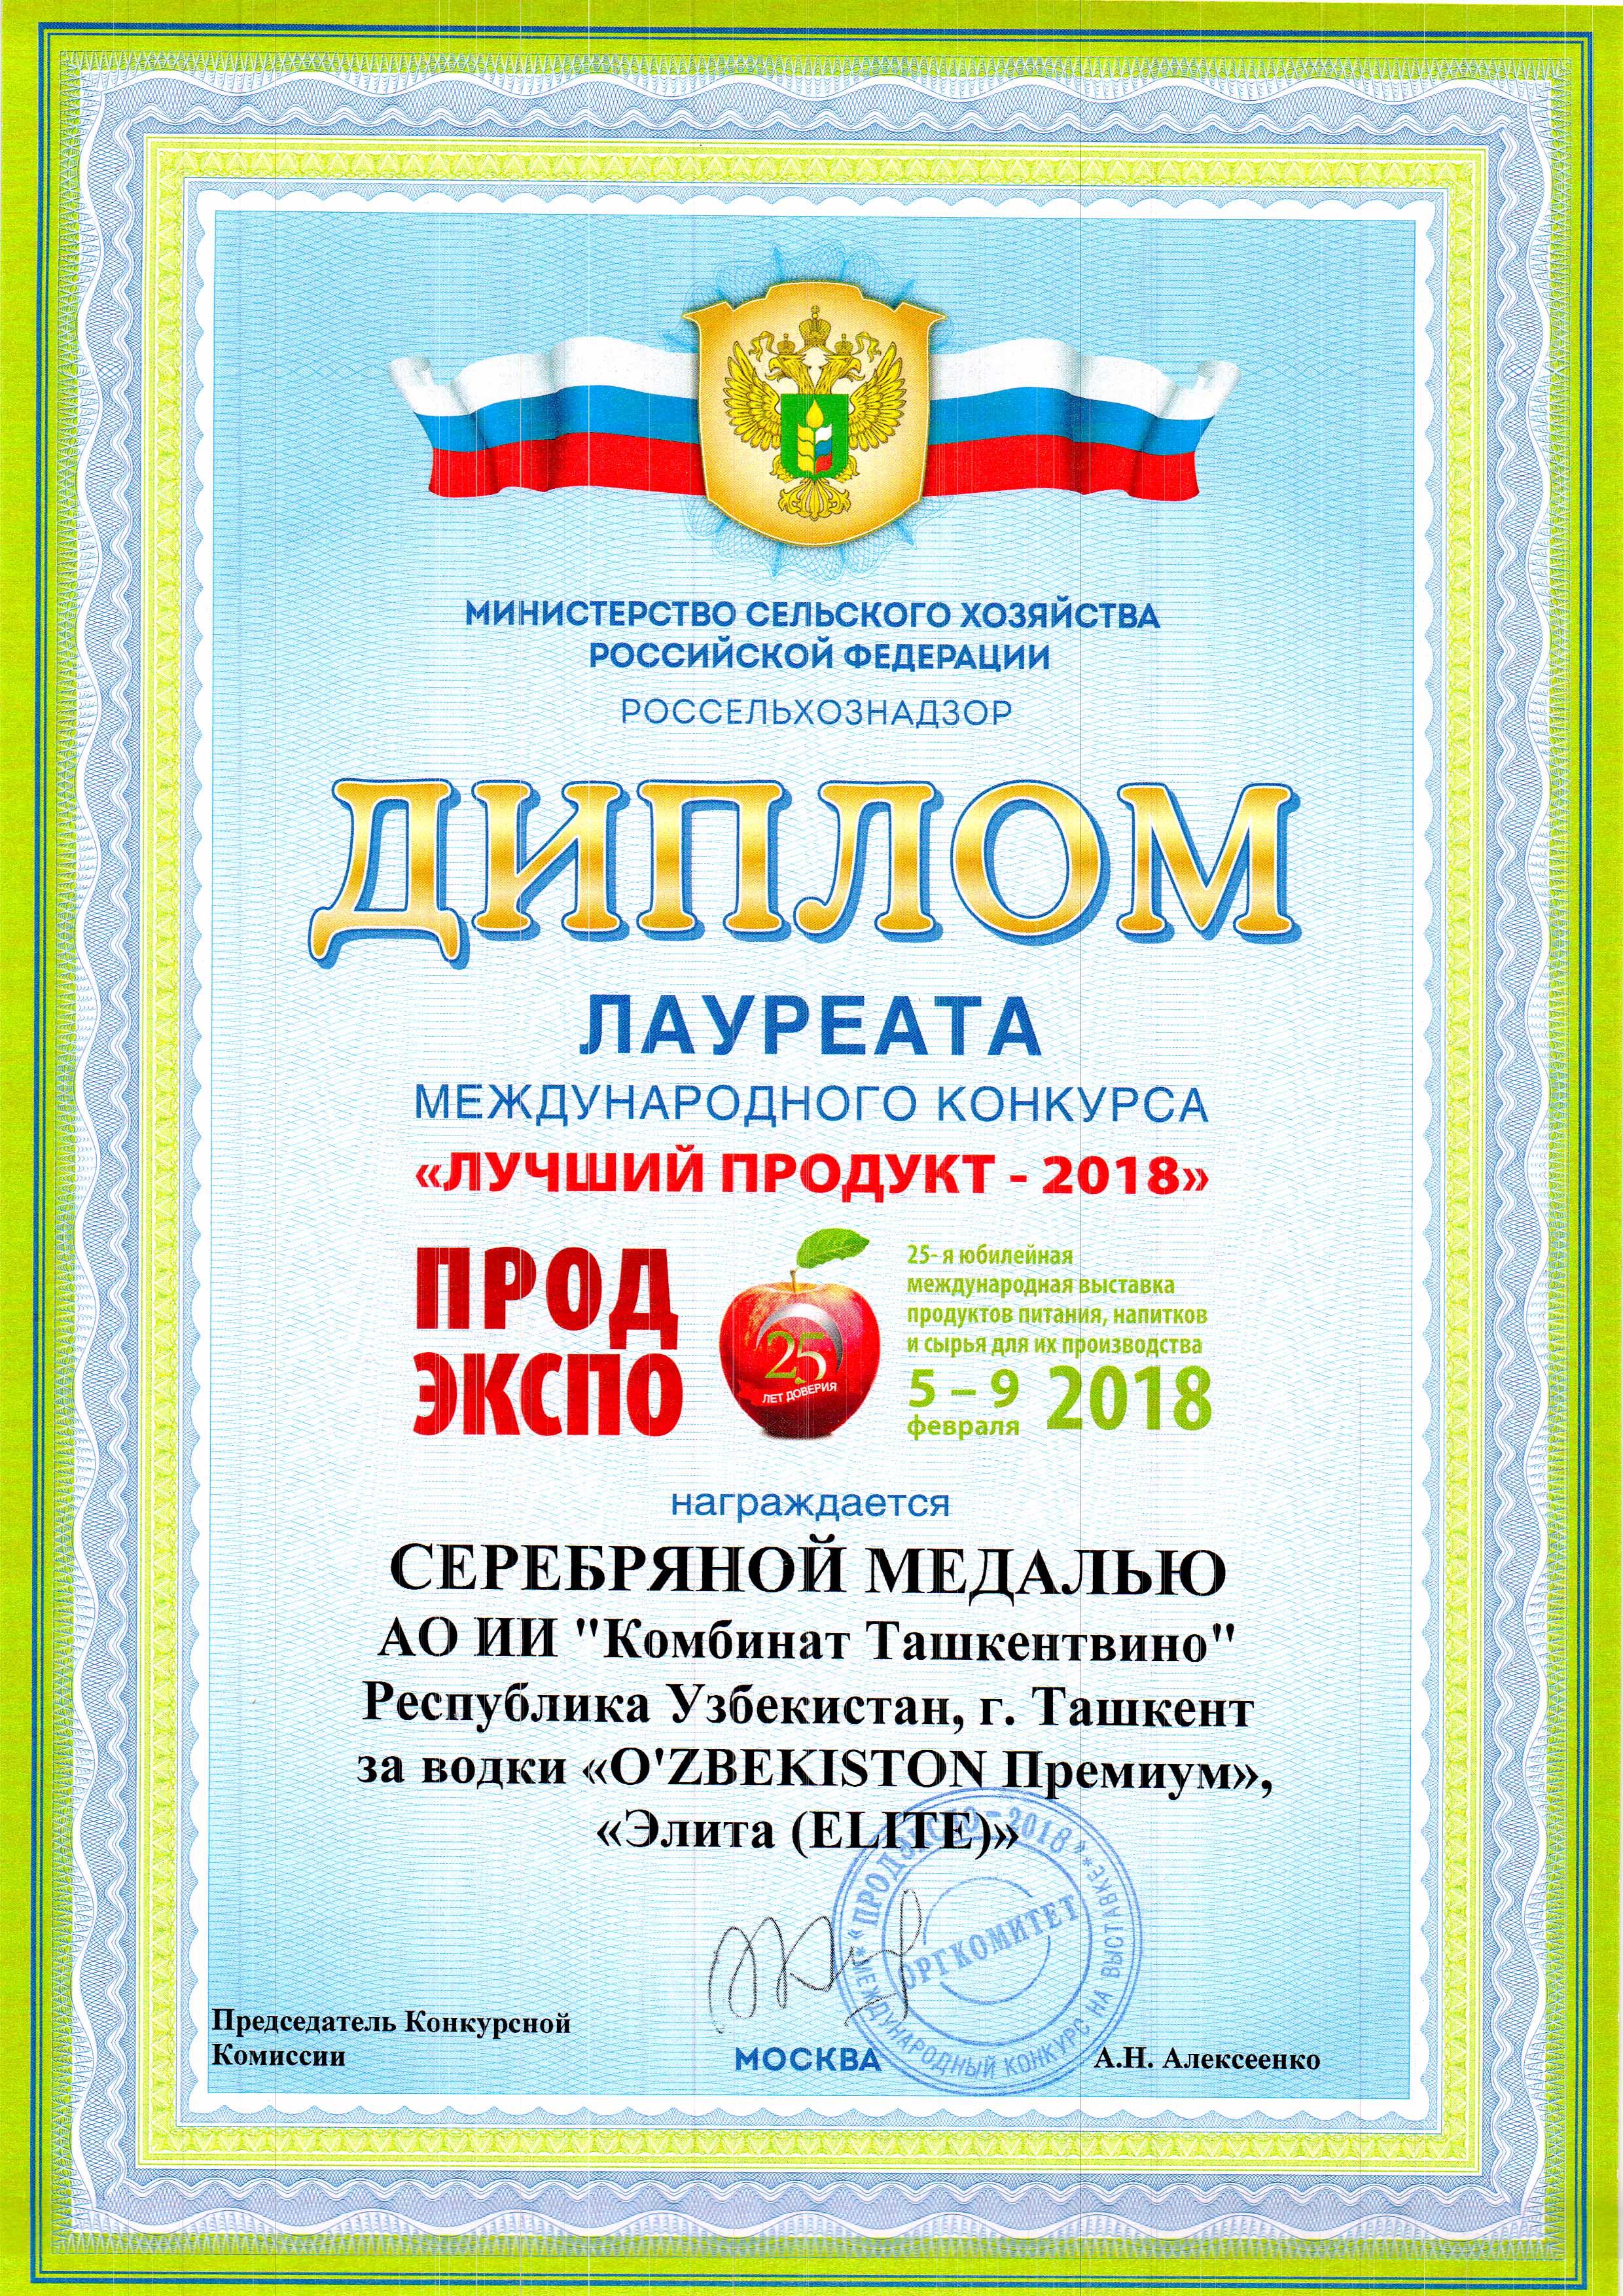 Серебряная медаль 2018 - Водка Узбекистан  Премиум и Elite (Элита)